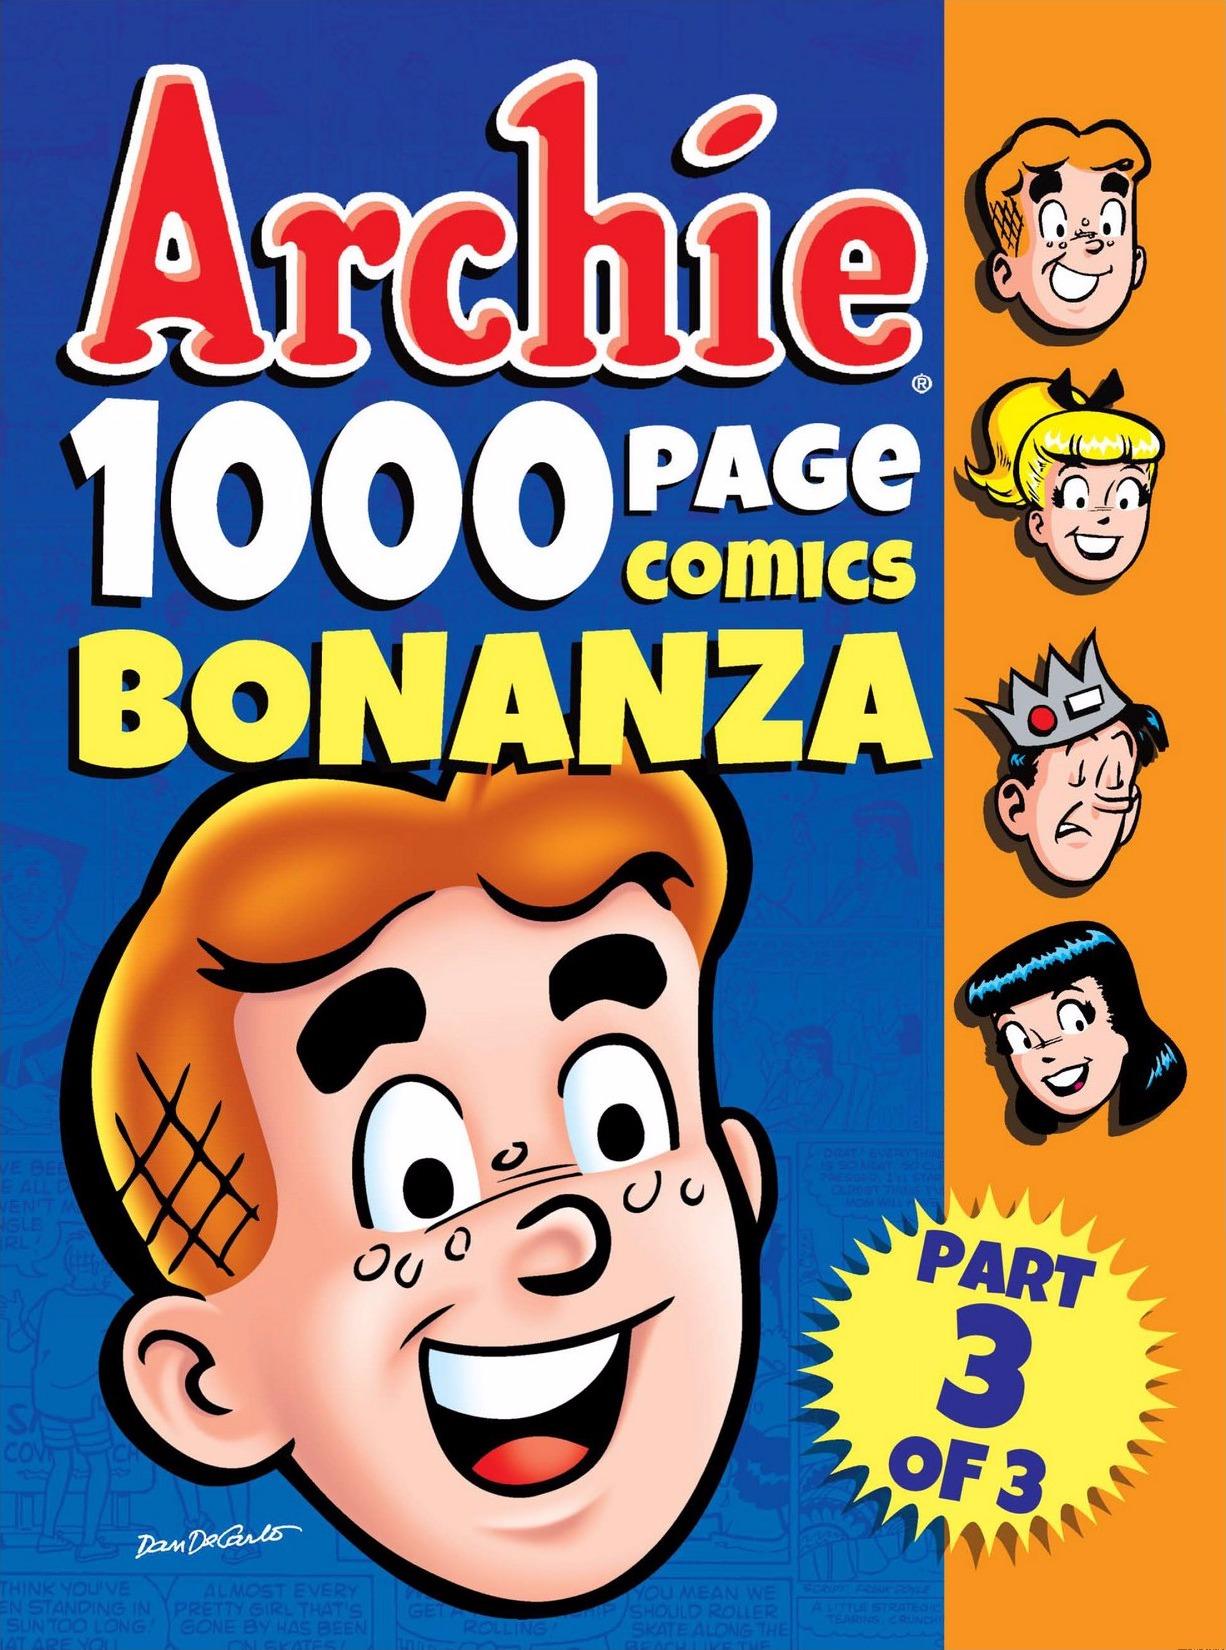 Archie 1000 Page Comics Bonanza 3_(Part_1) Page 1